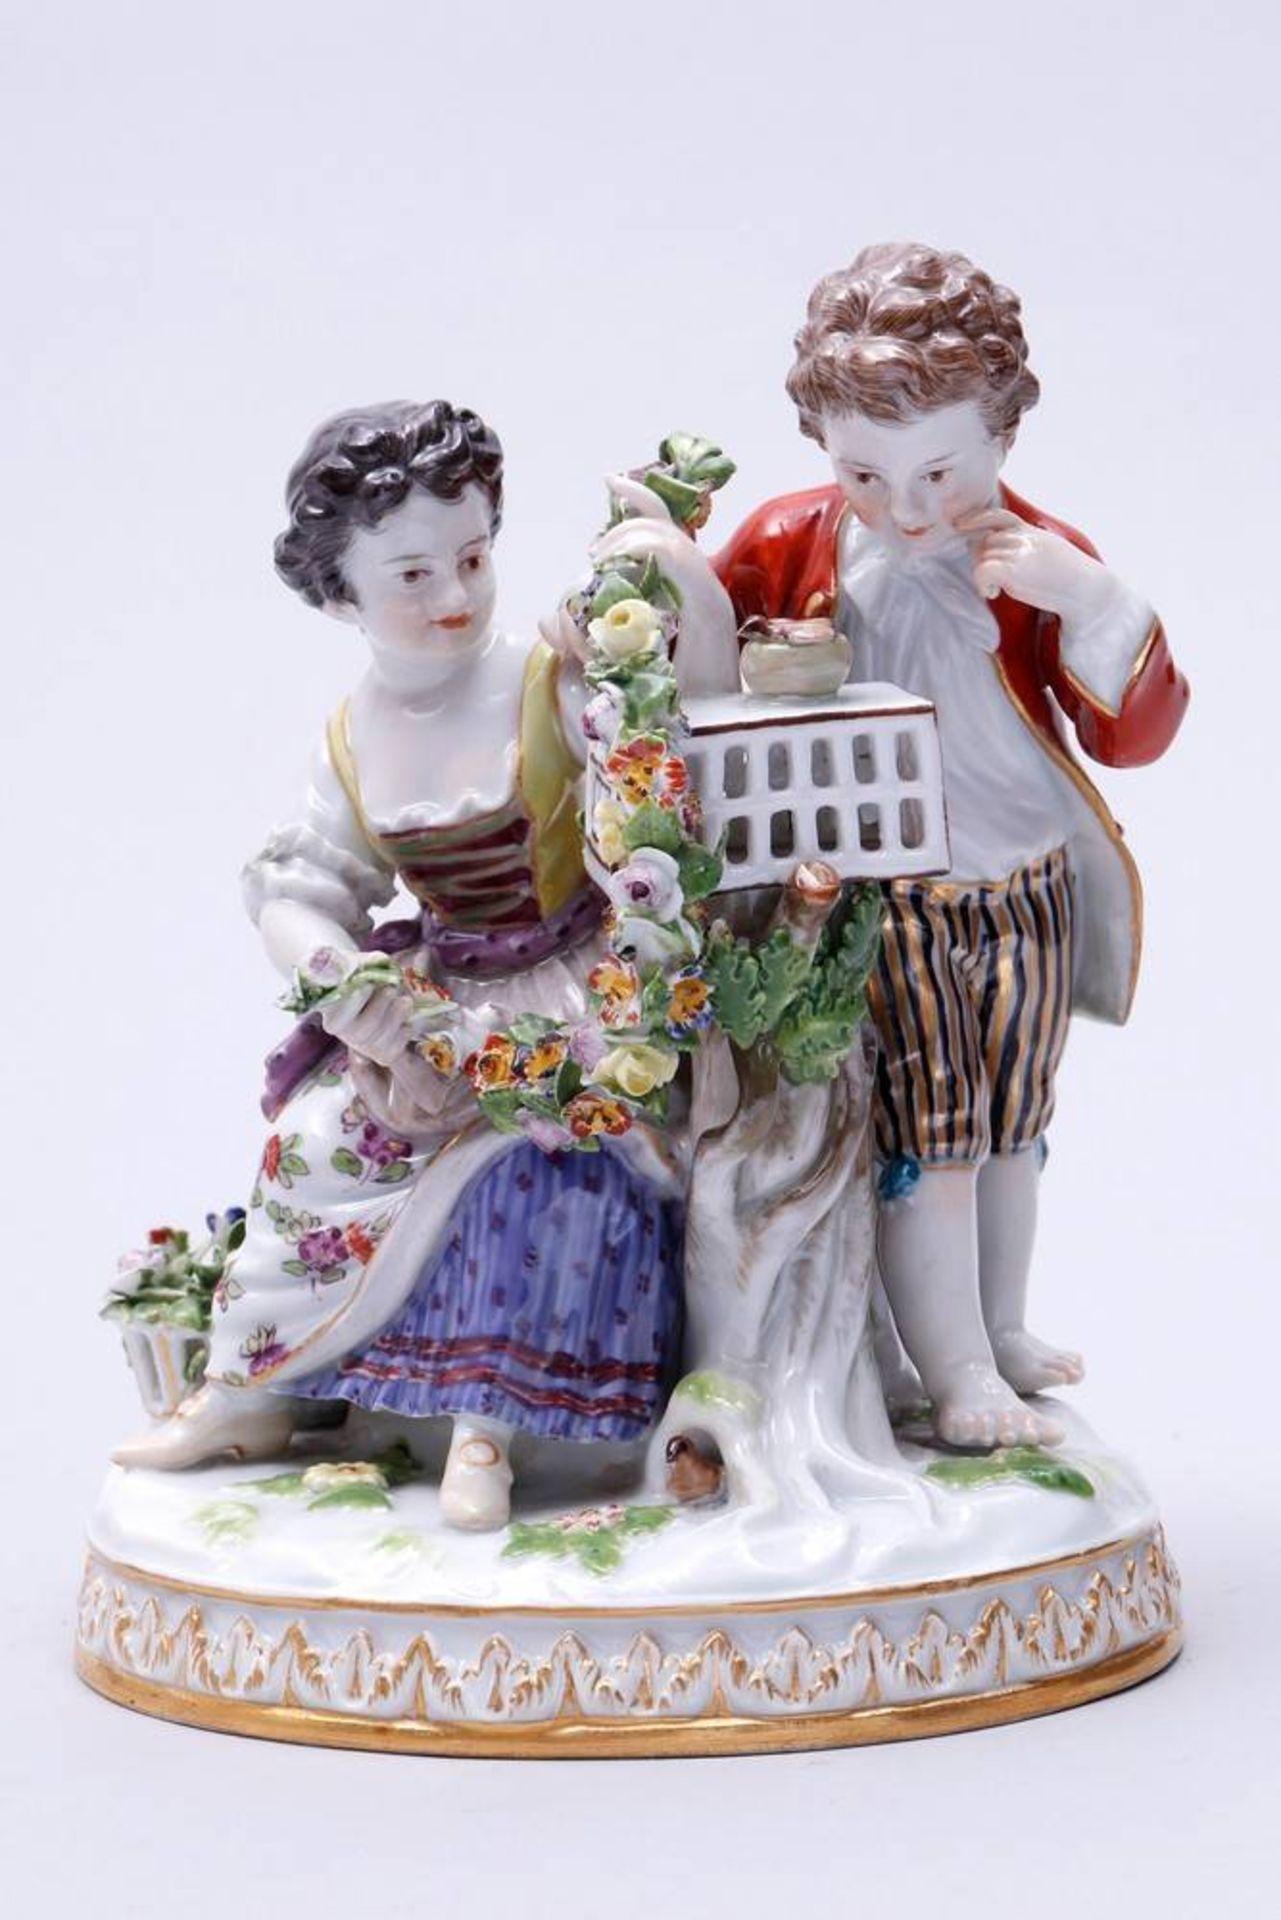 Der Frühling, Meissen, um 1900 Entwurf Johann Carl Schönheit, aus dem Zyklus der Jahreszeiten, an